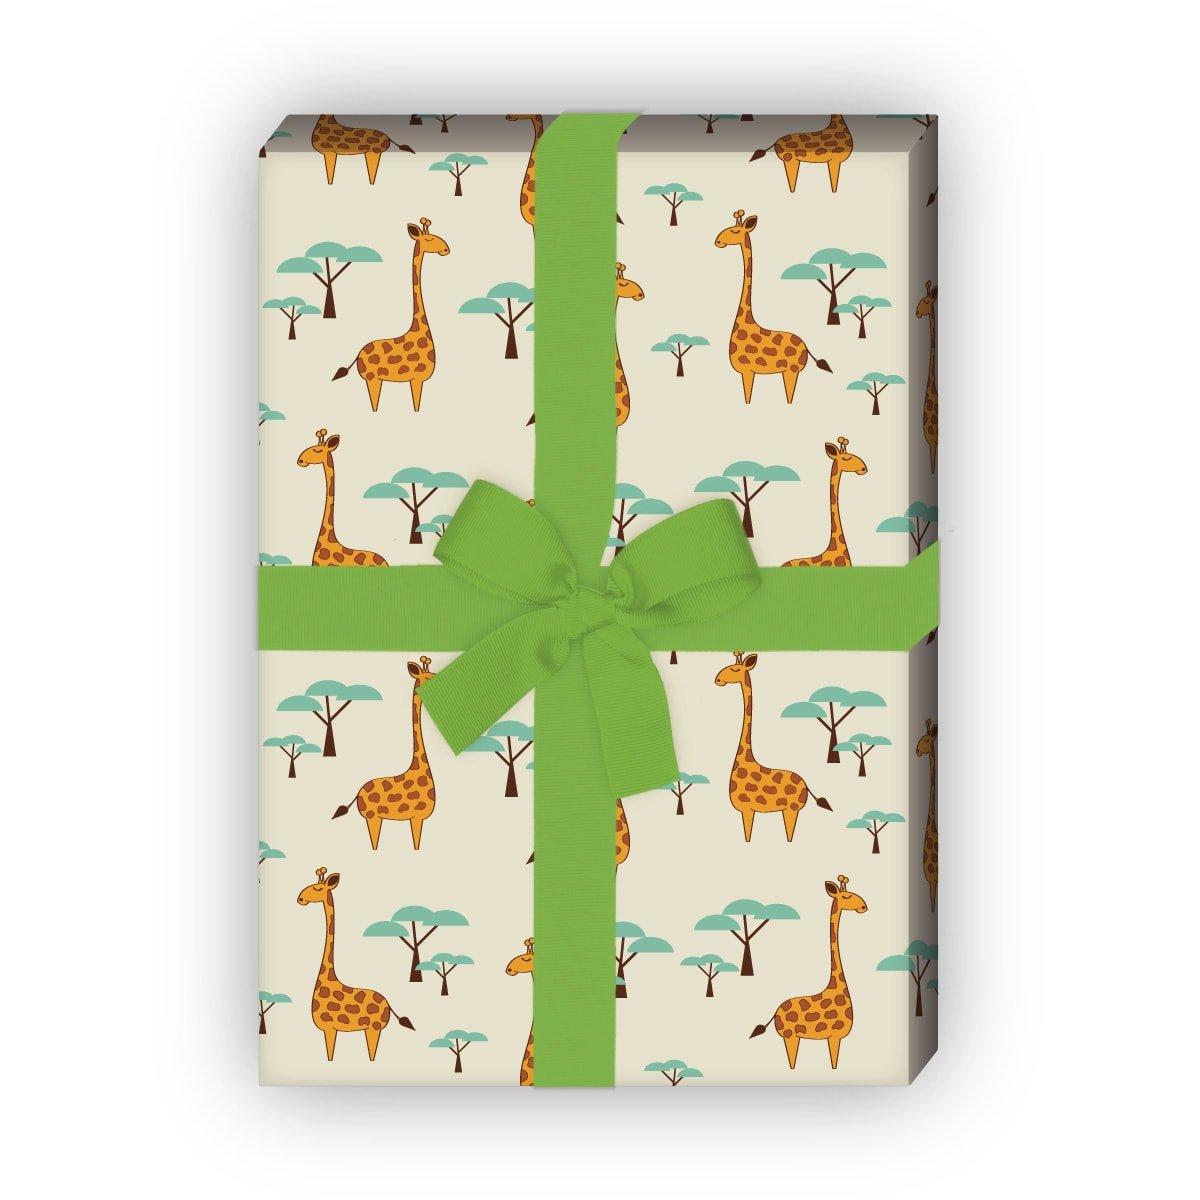 Afrika Geschenkpapier Set beige 4 Bogen f/ür sch/öne Geschenk Verpackung und /Überraschungen basteln 32 x 48cm //Dekorpapier mit Giraffen